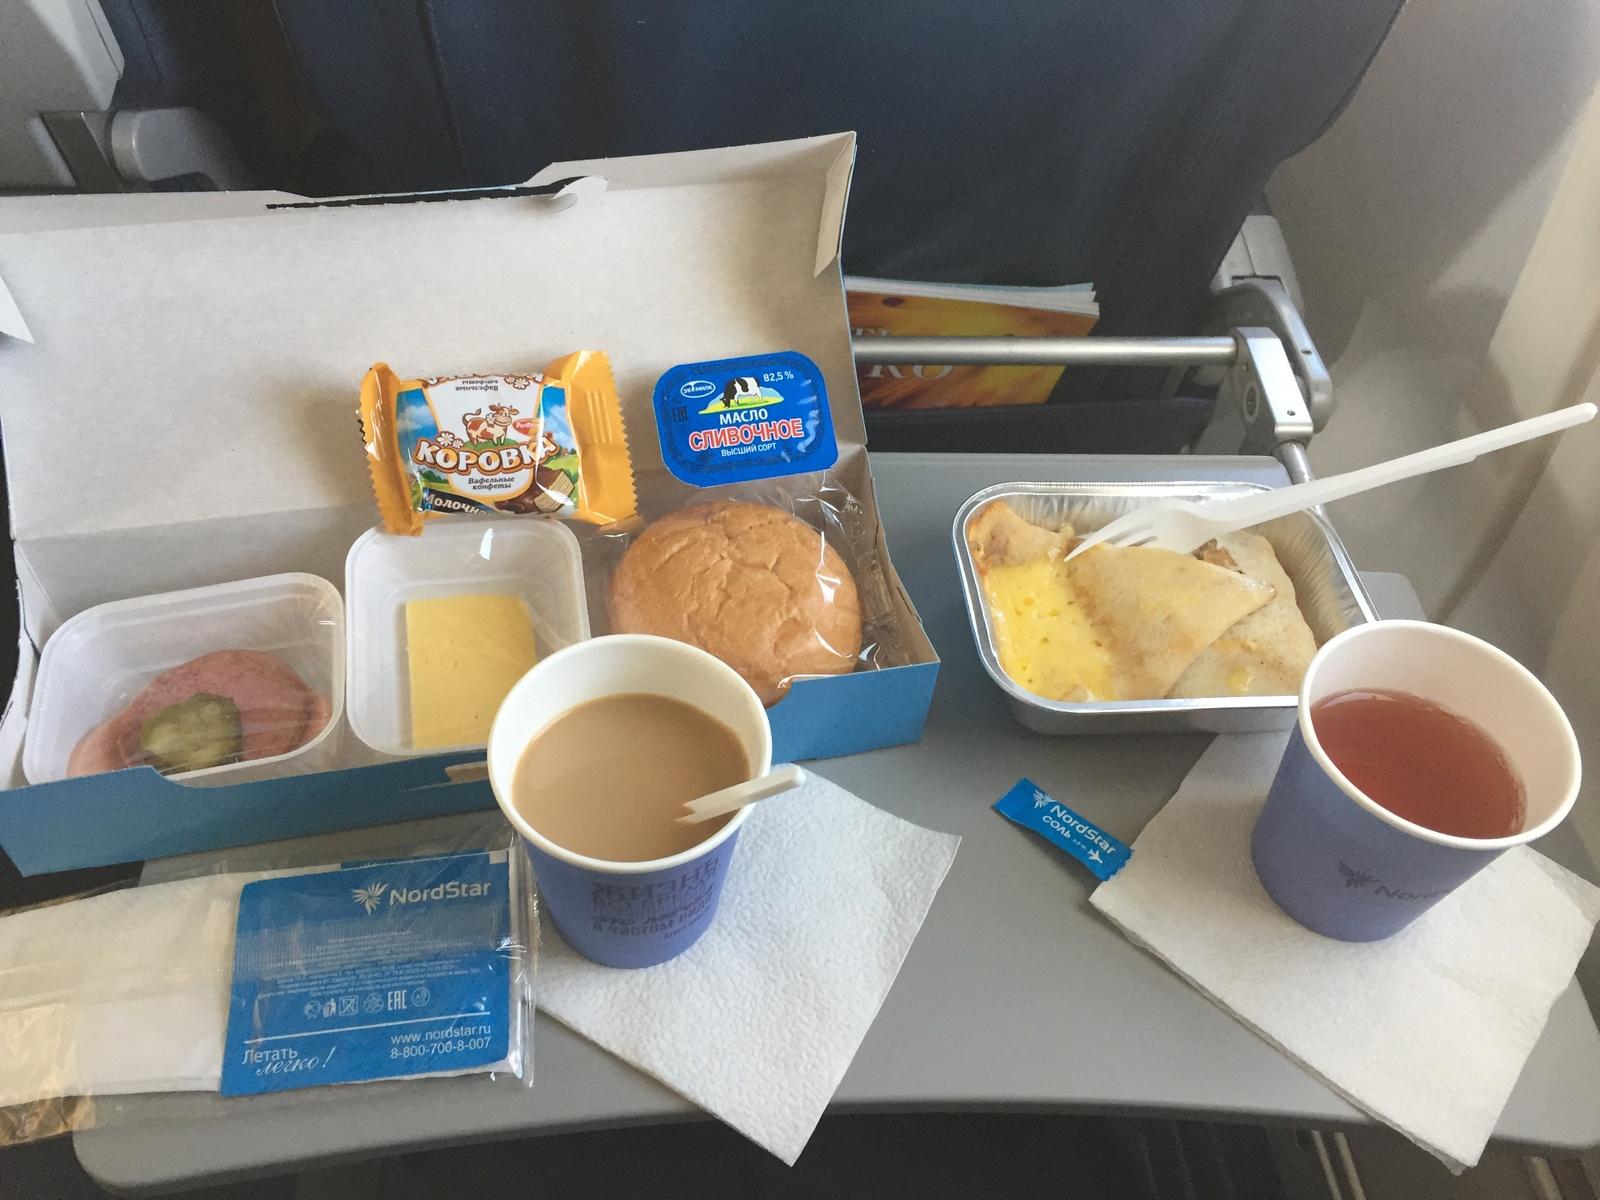 Бортовое питание на рейсе Норильск-Москва авиакомпании NordStar